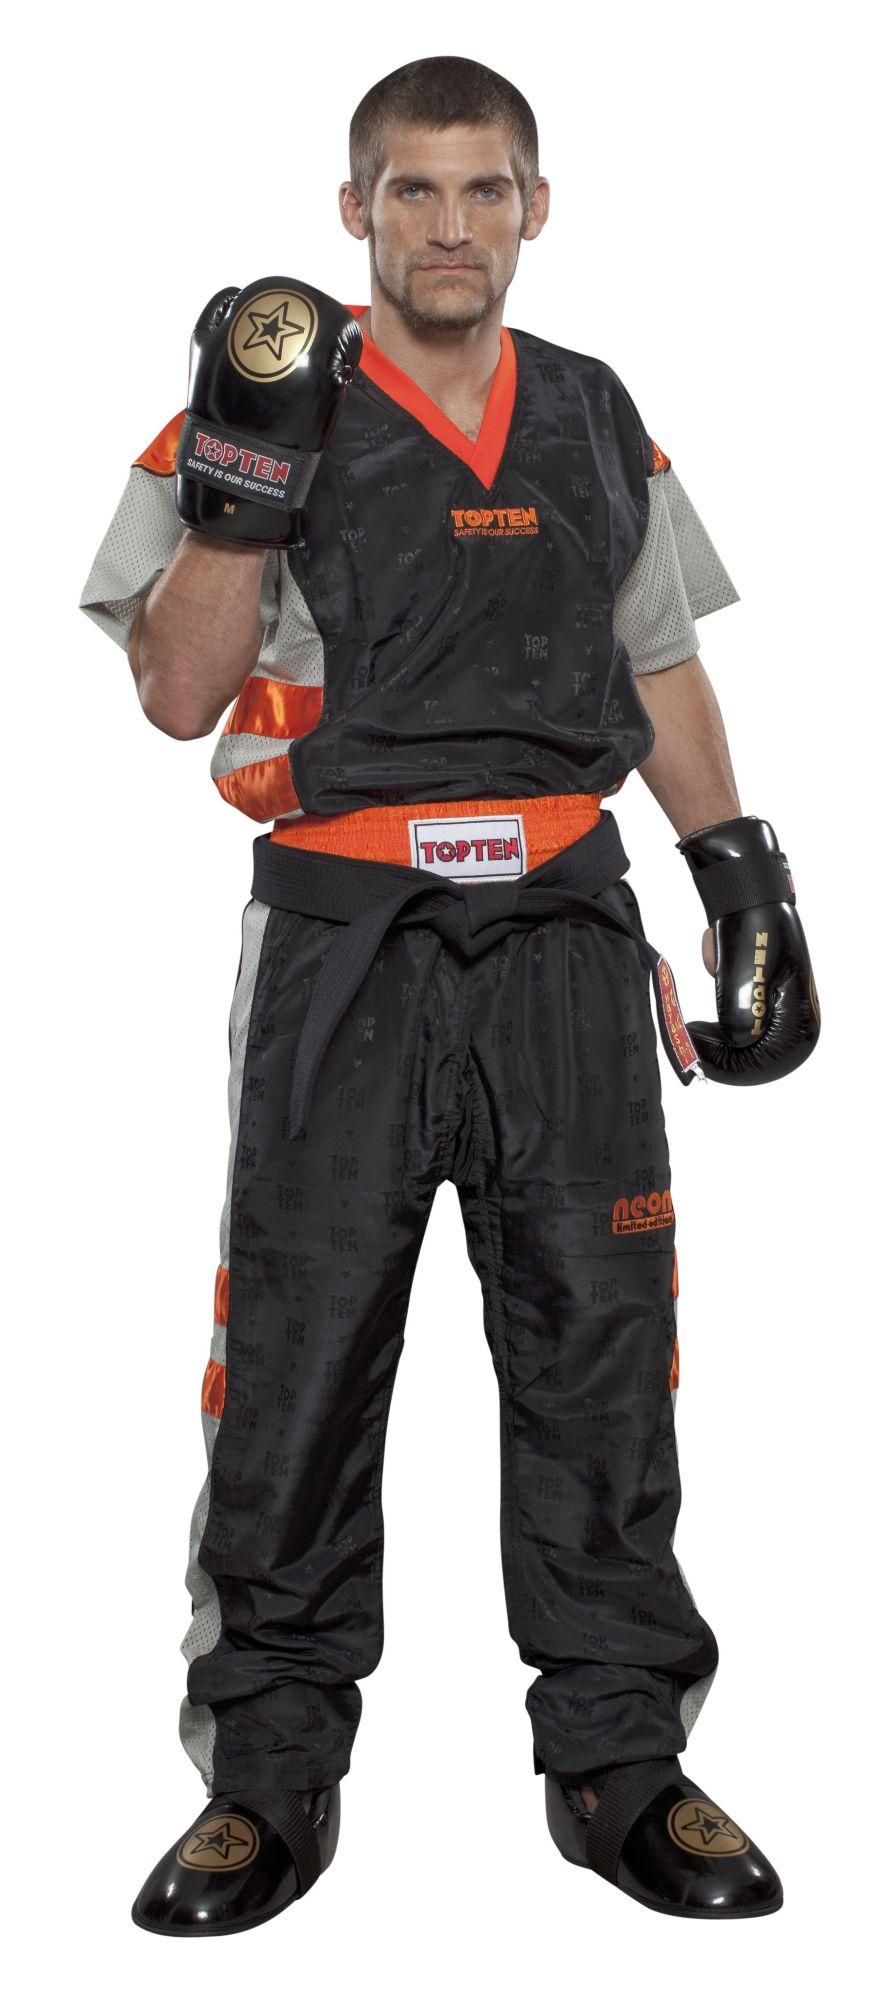 """TOP TEN Kickboksuniform """"NEON Limited"""" voor kinderen Zwart - Oranje"""